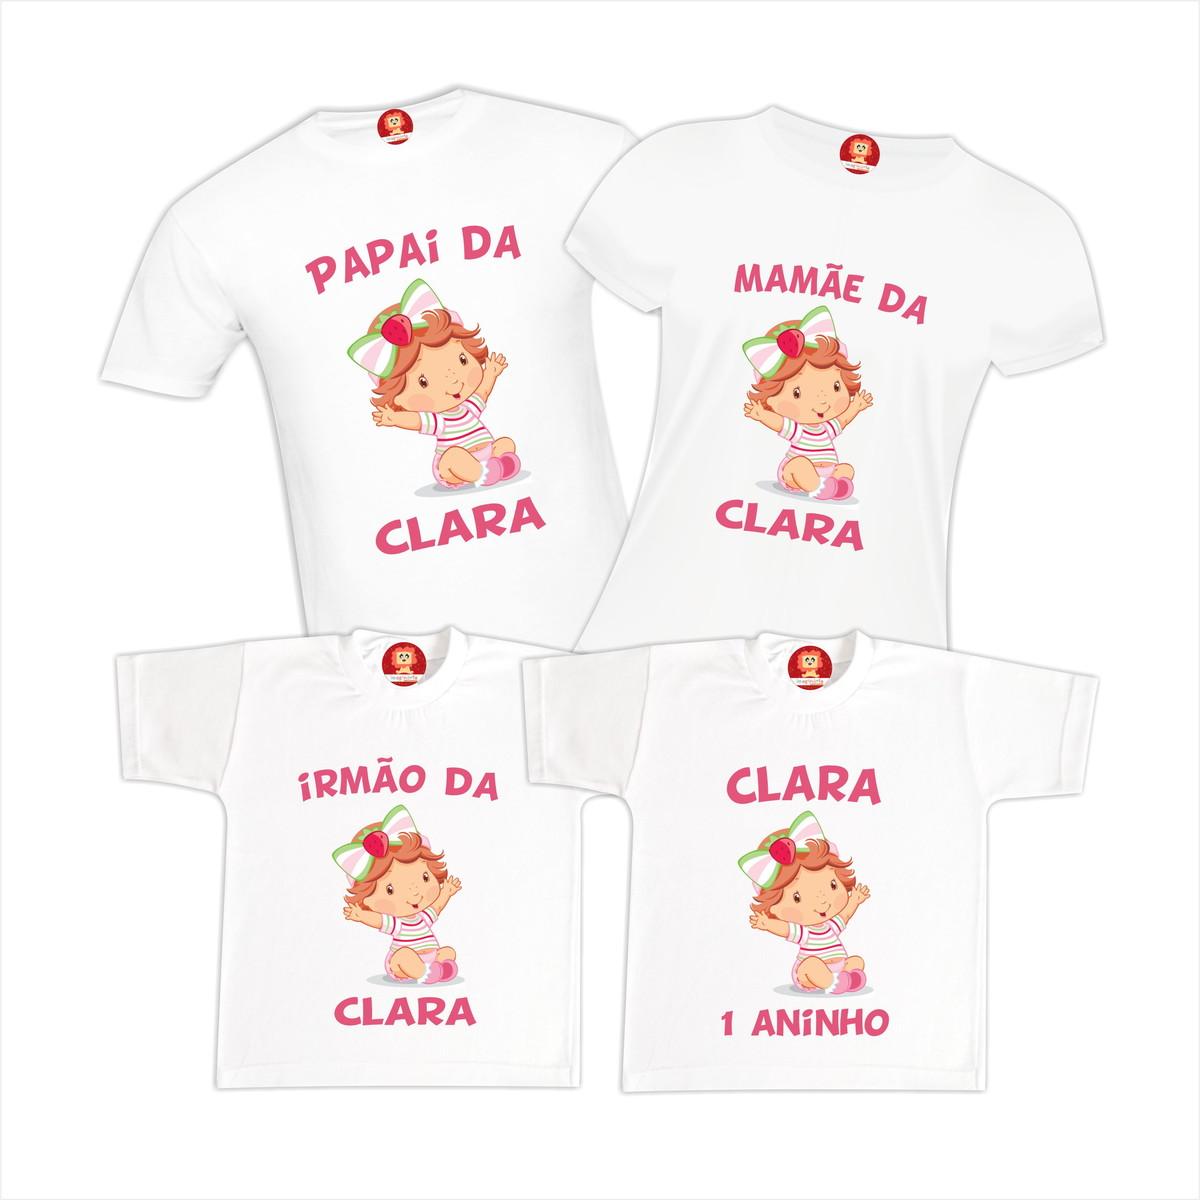 Camiseta Aniversário Moranguinho Baby no Elo7  12ab8e99ea9